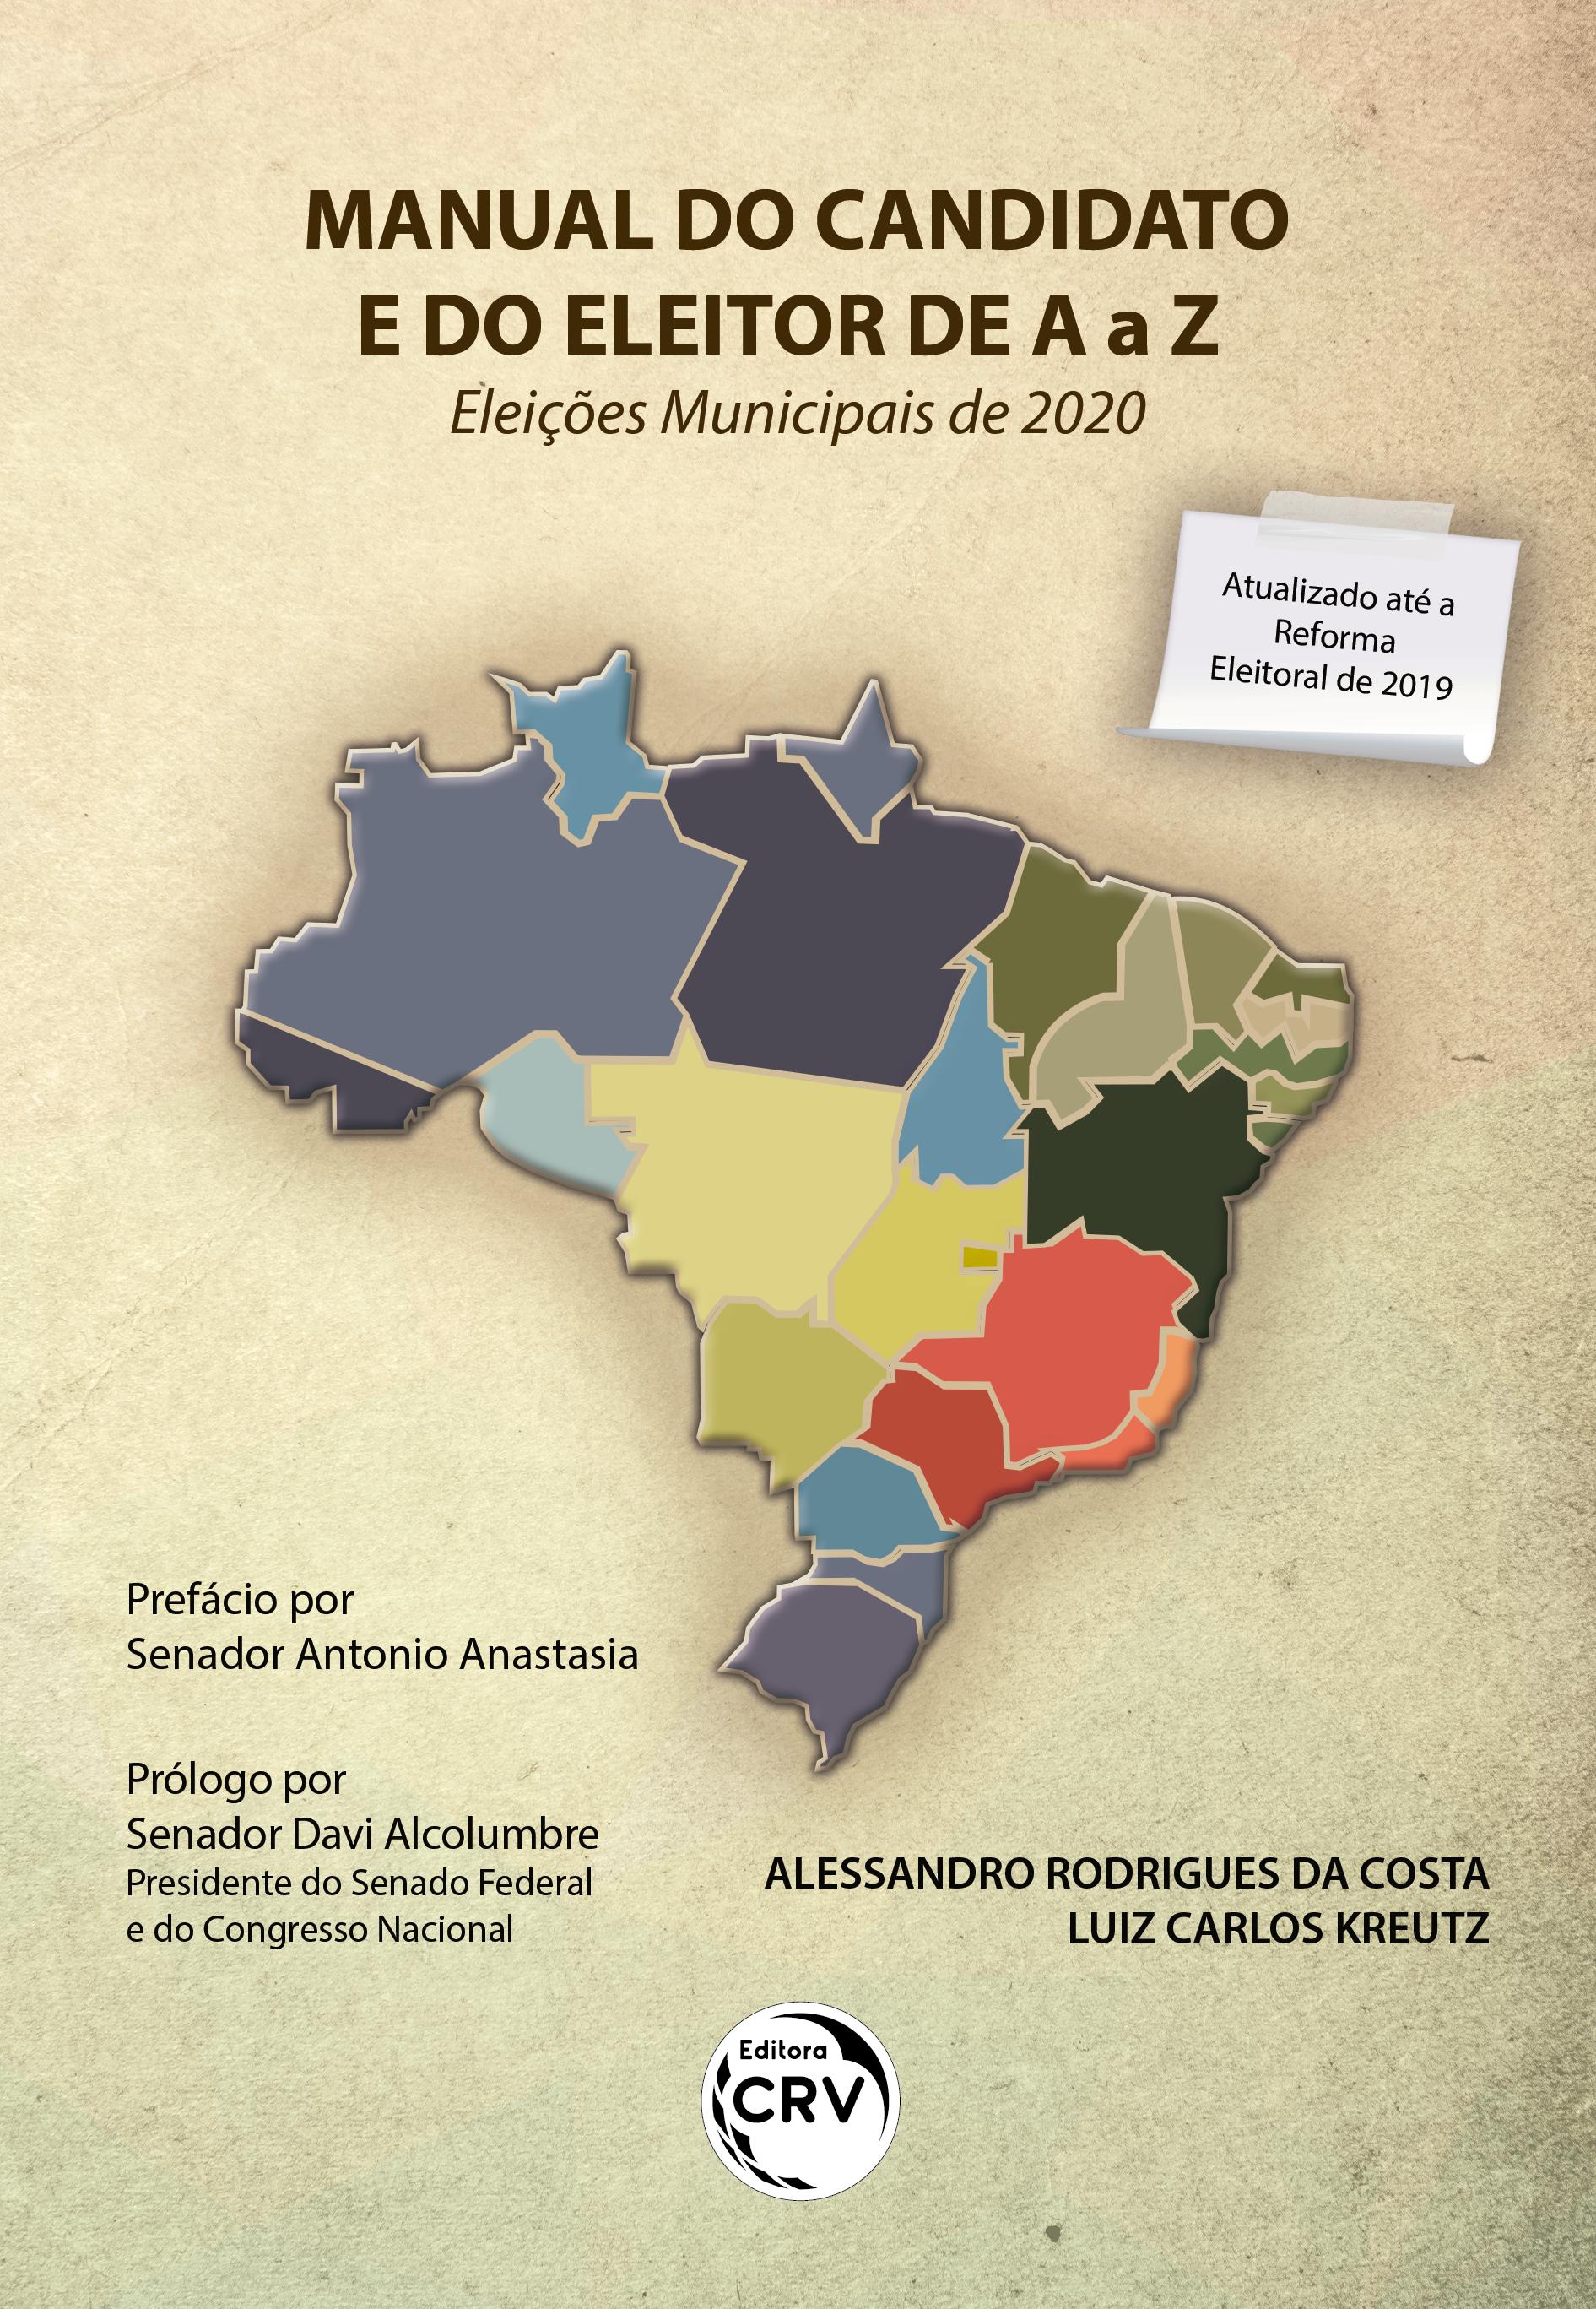 Capa do livro: MANUAL DO CANDIDATO E DO ELEITOR DE A a Z – ELEIÇÕES MUNICIPAIS DE 2020